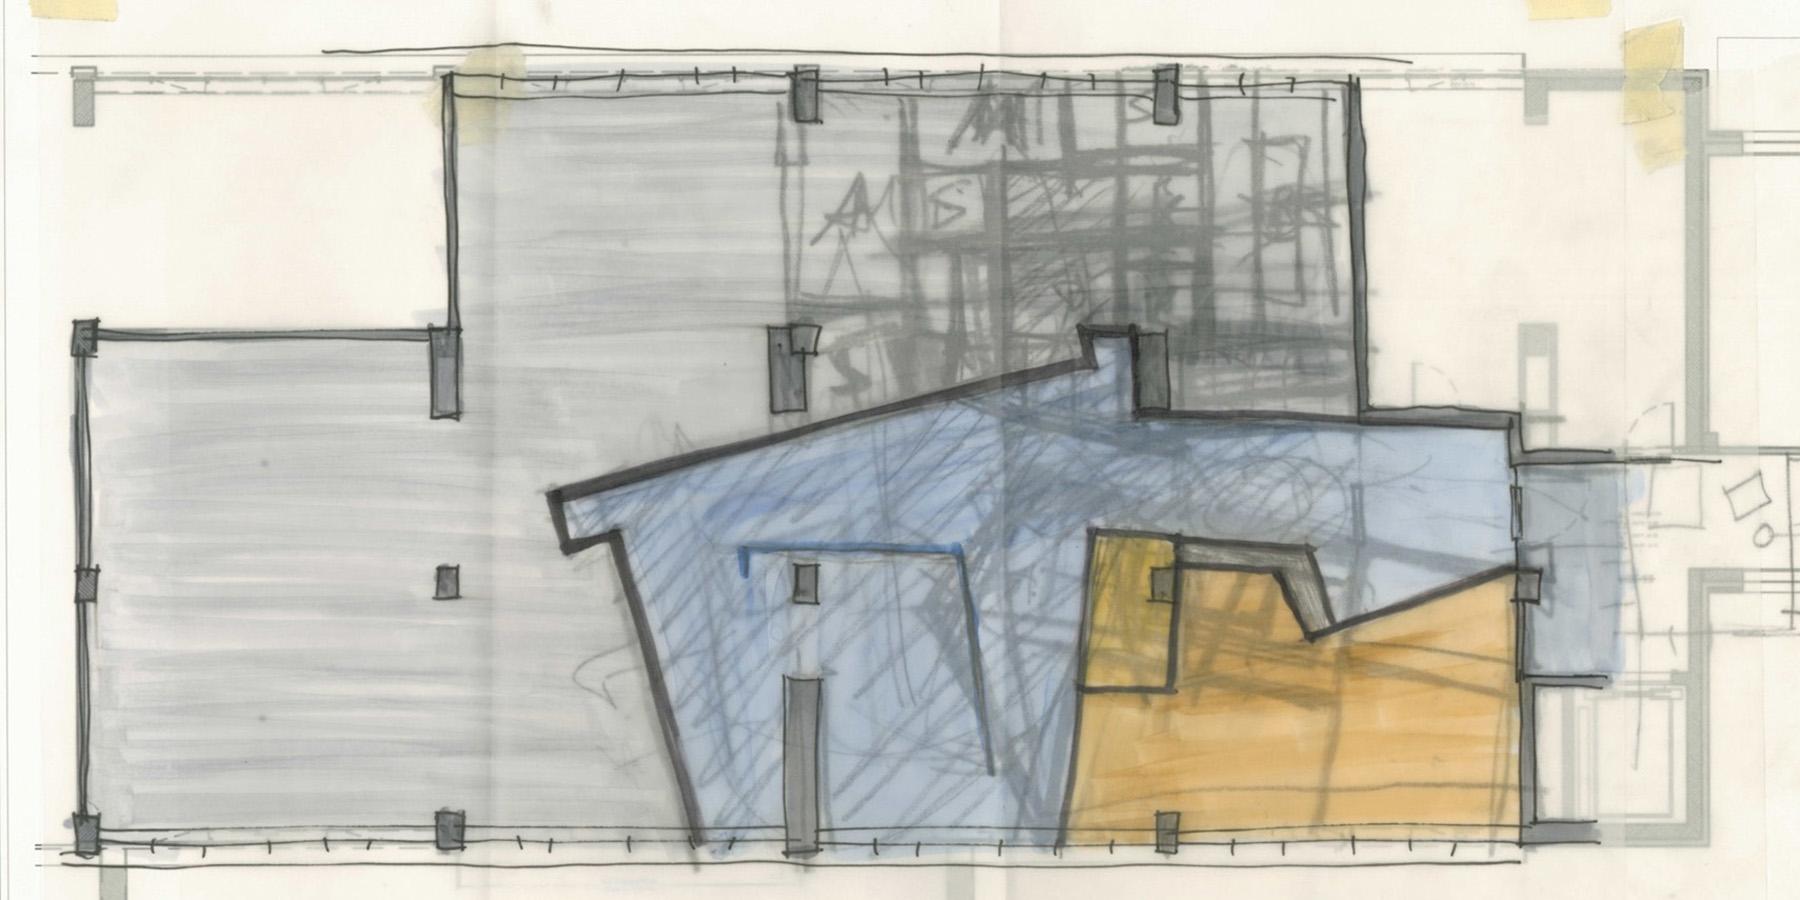 G-tec-projekt-372-03